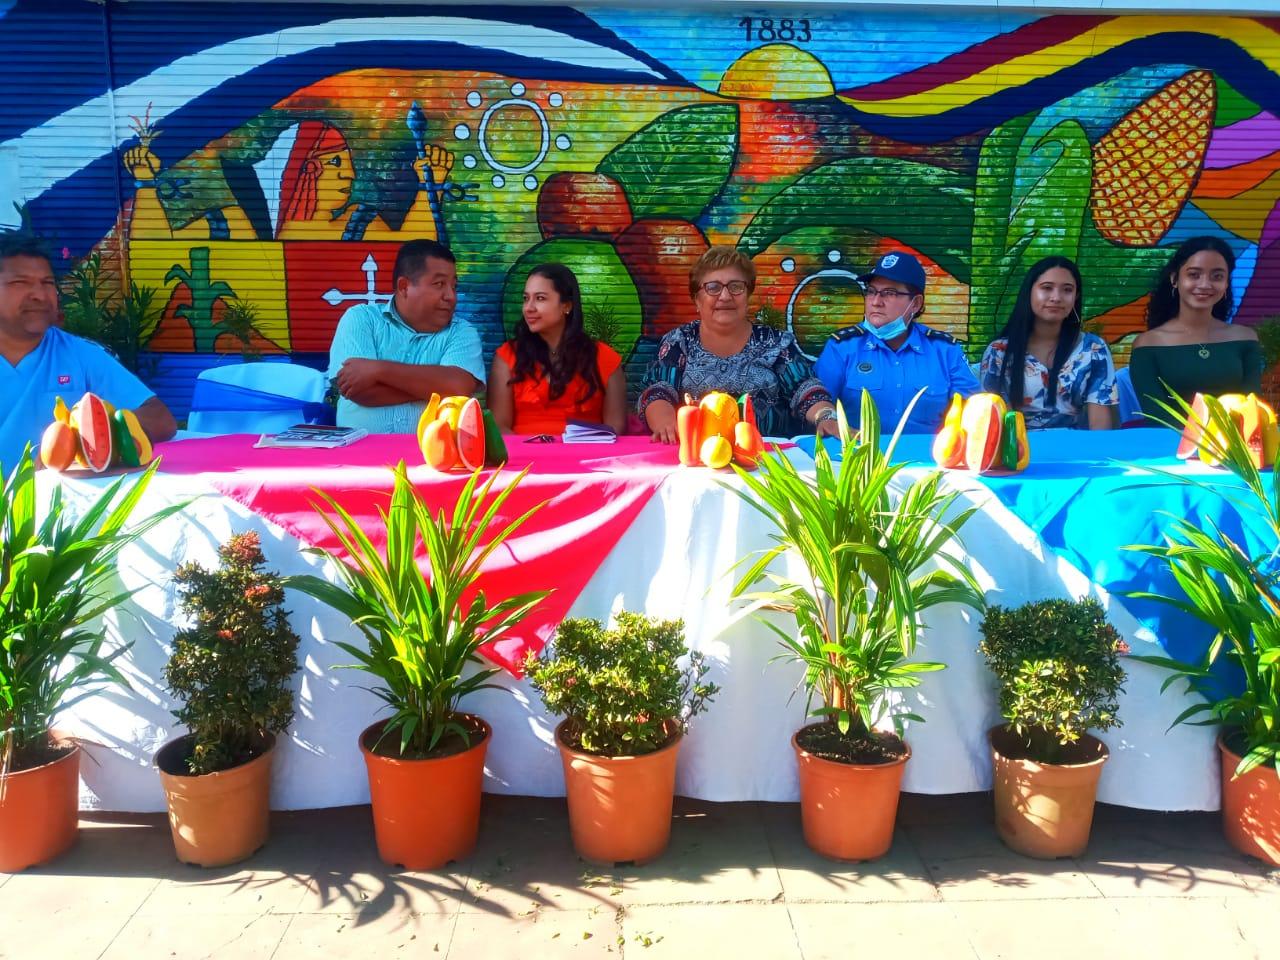 Anuncian cartelera de actividades para este verano en Carazo Carazo. Manuel Aguilar/ La Primerísima